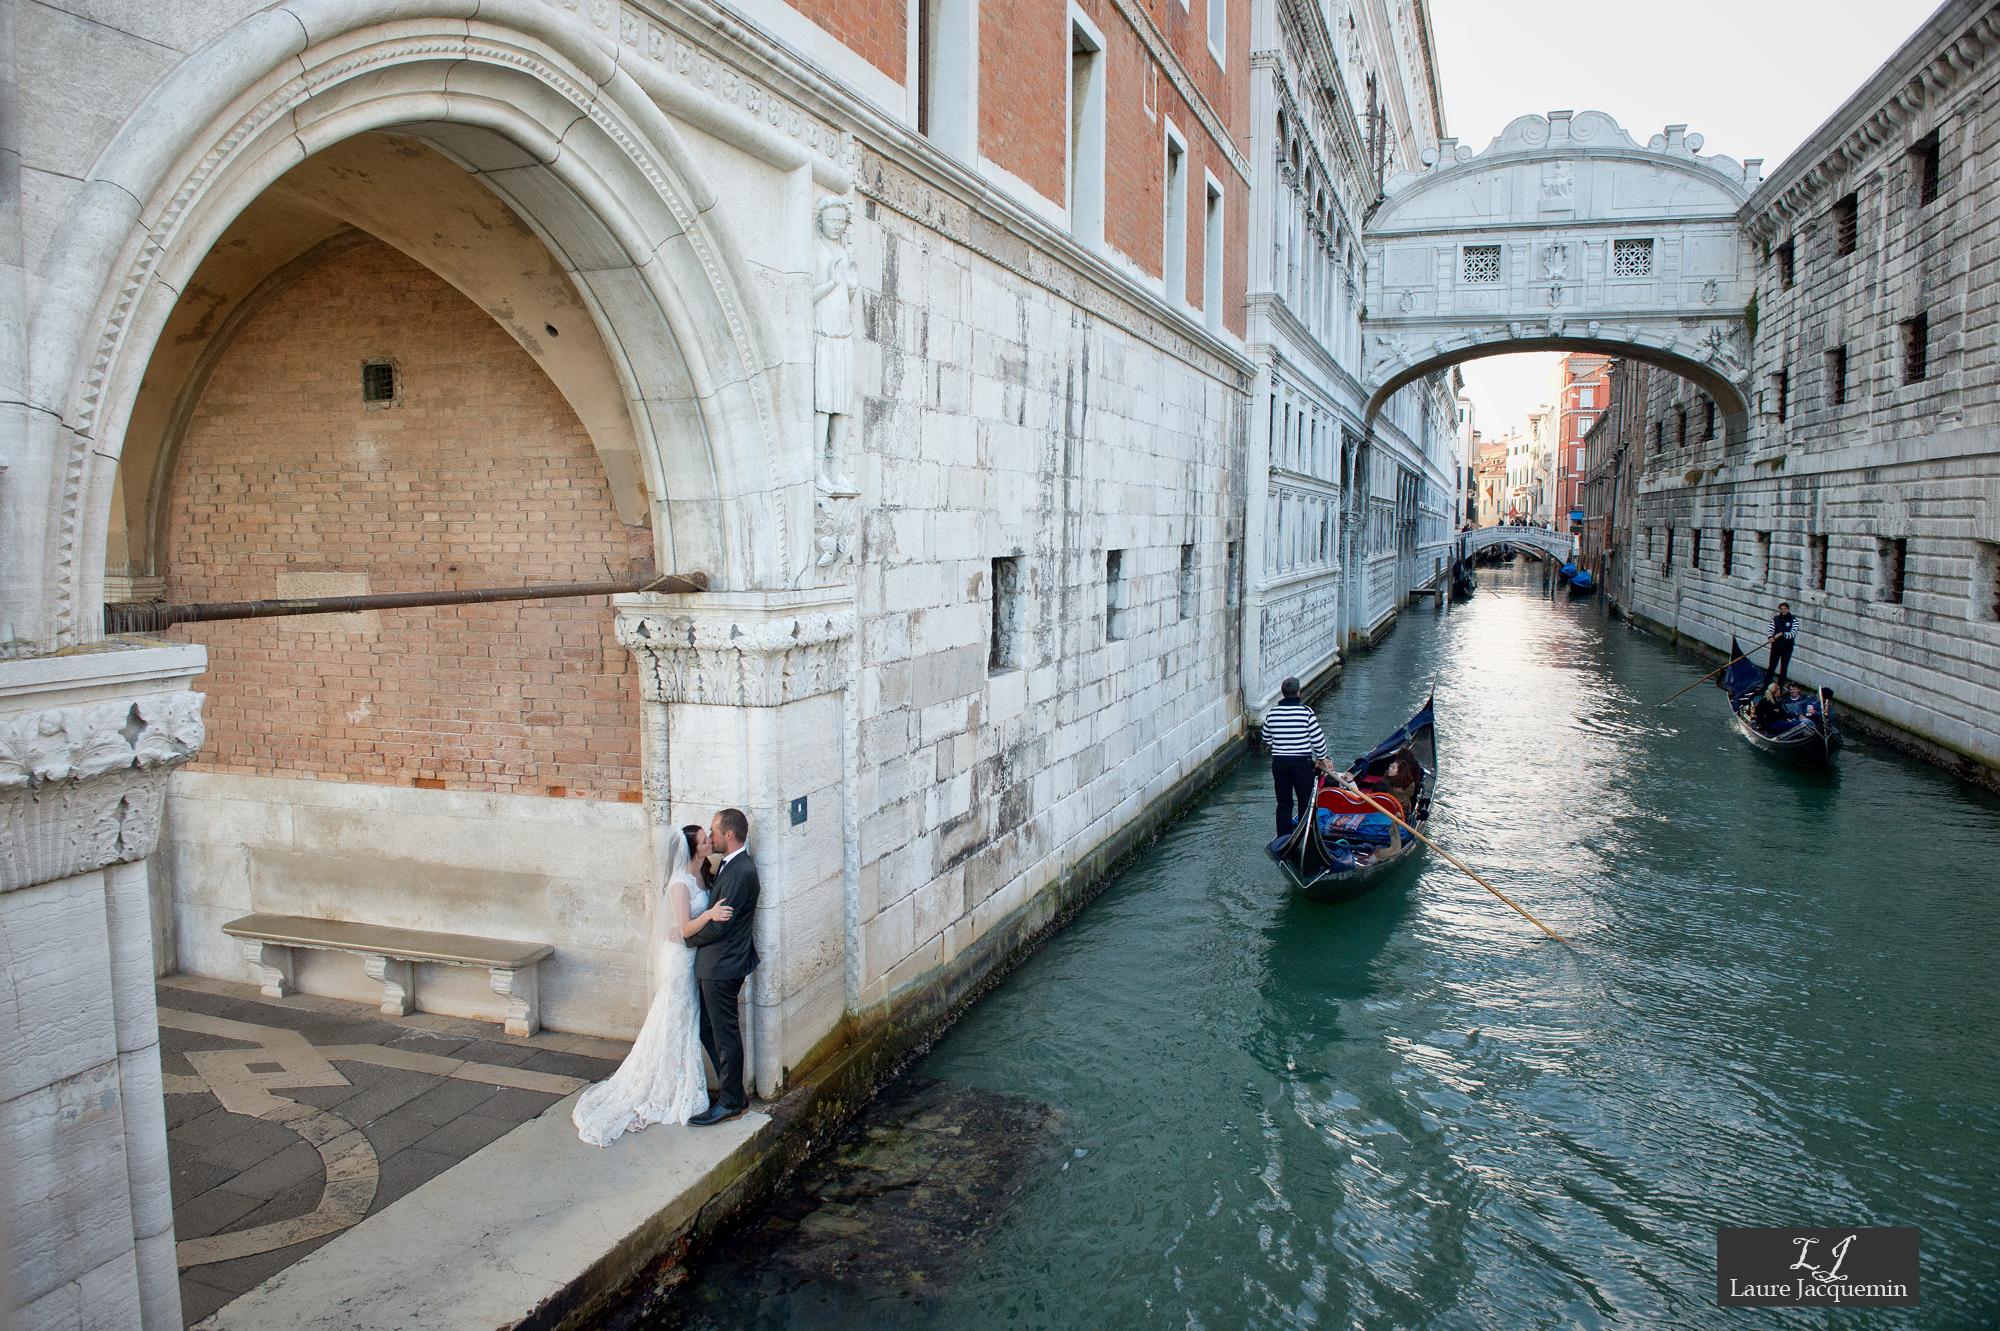 photographe mariage laure jacquemin palazzo cavalli service photographique (90)